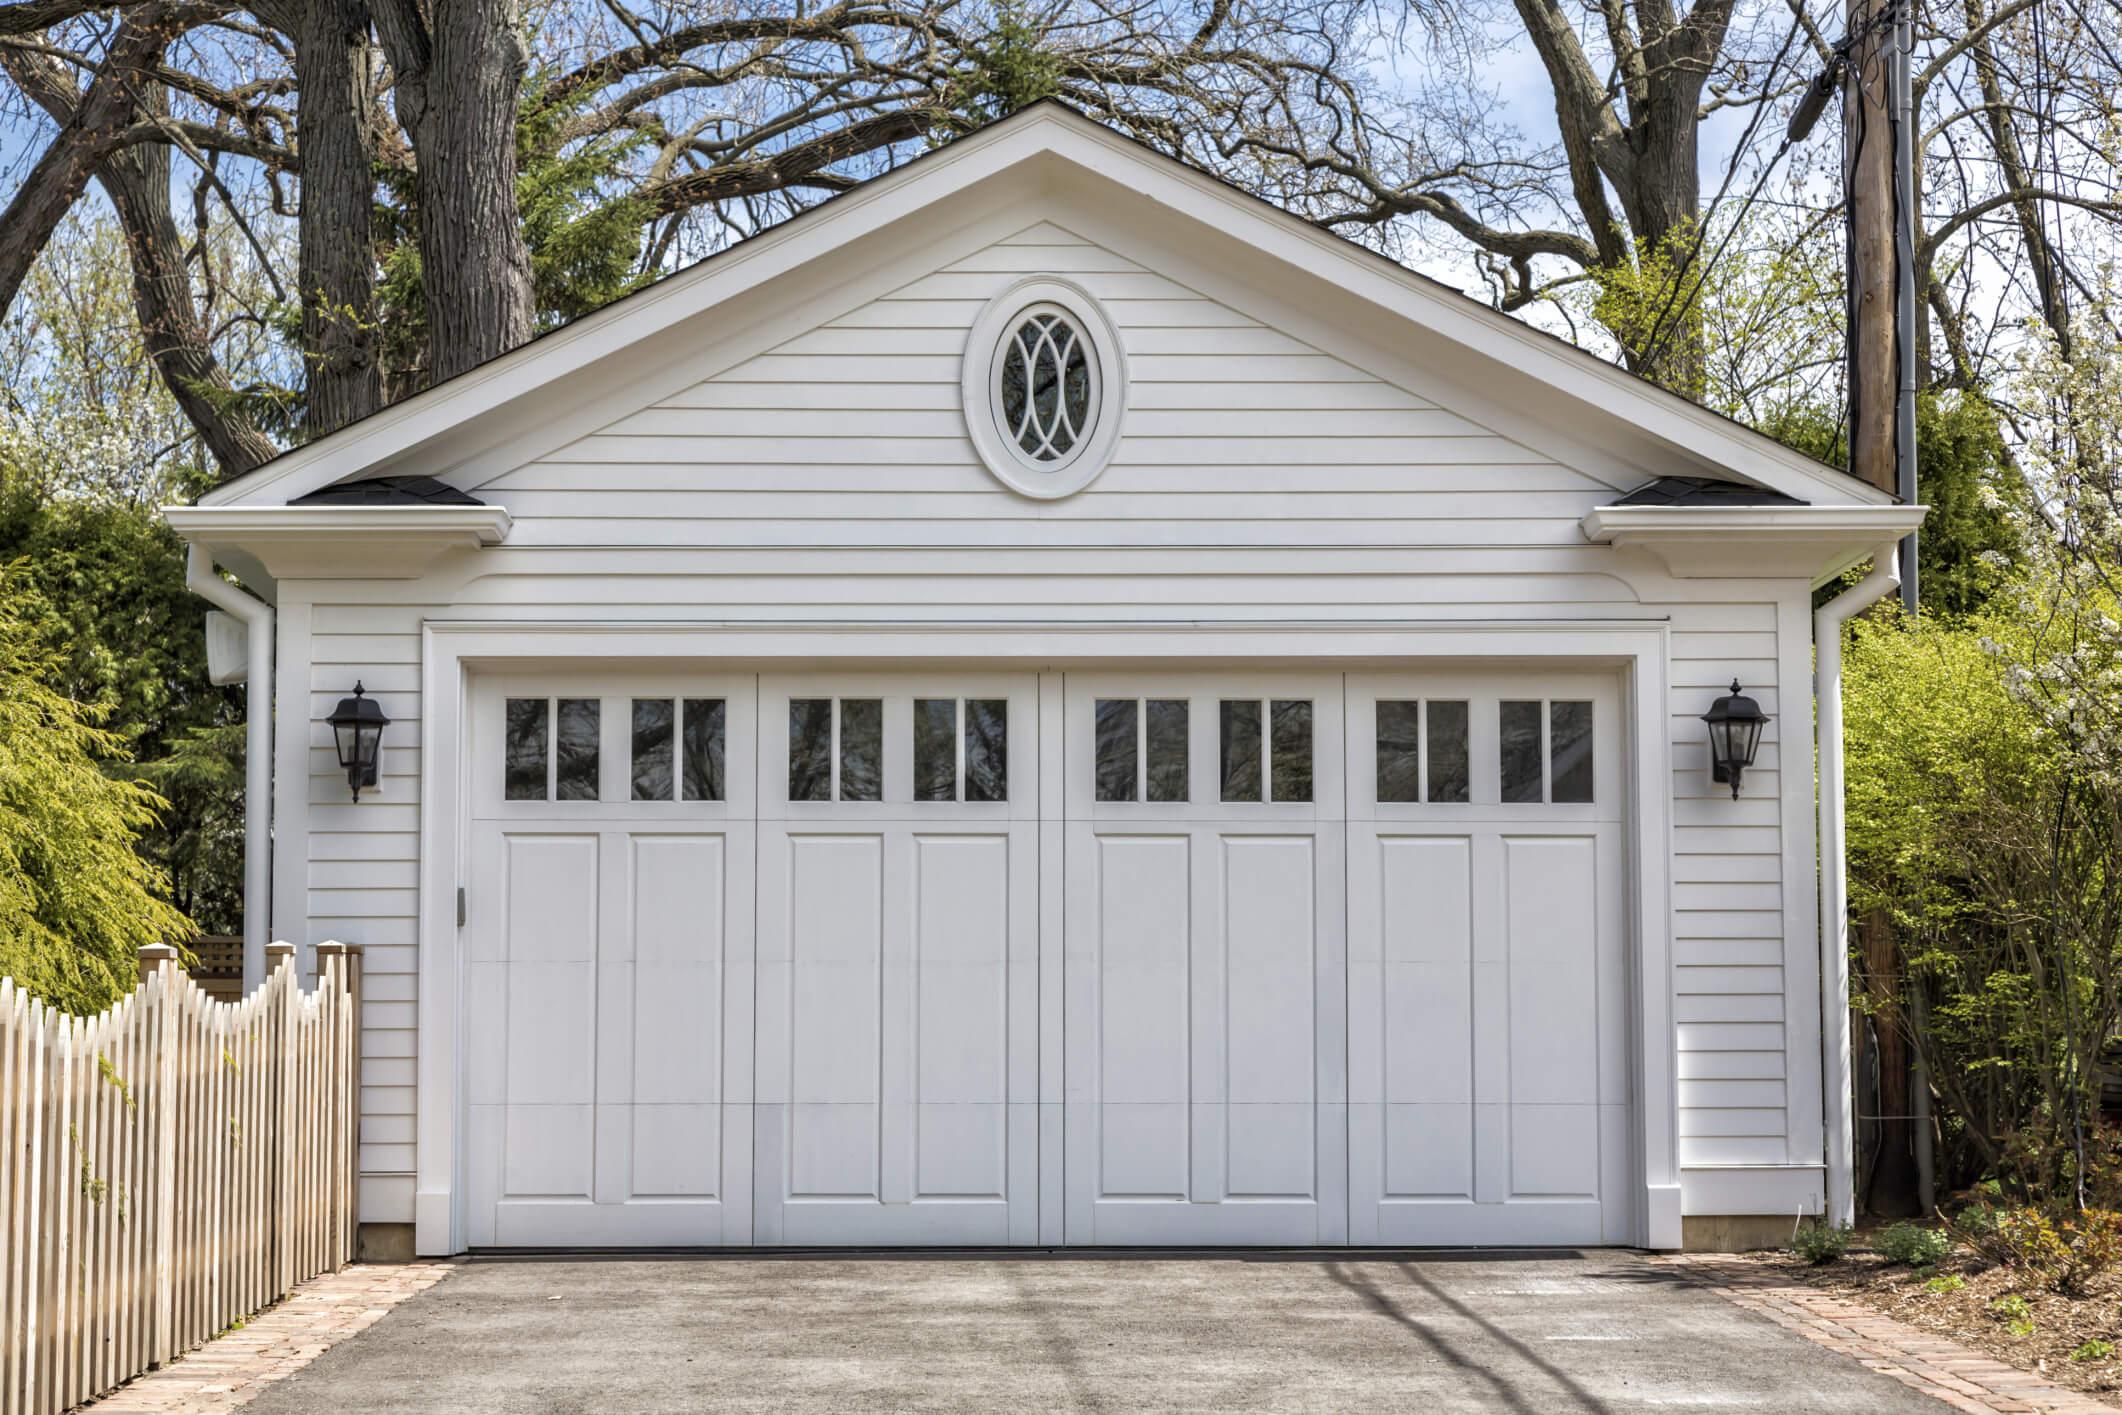 Components of Your Garage Door Explained